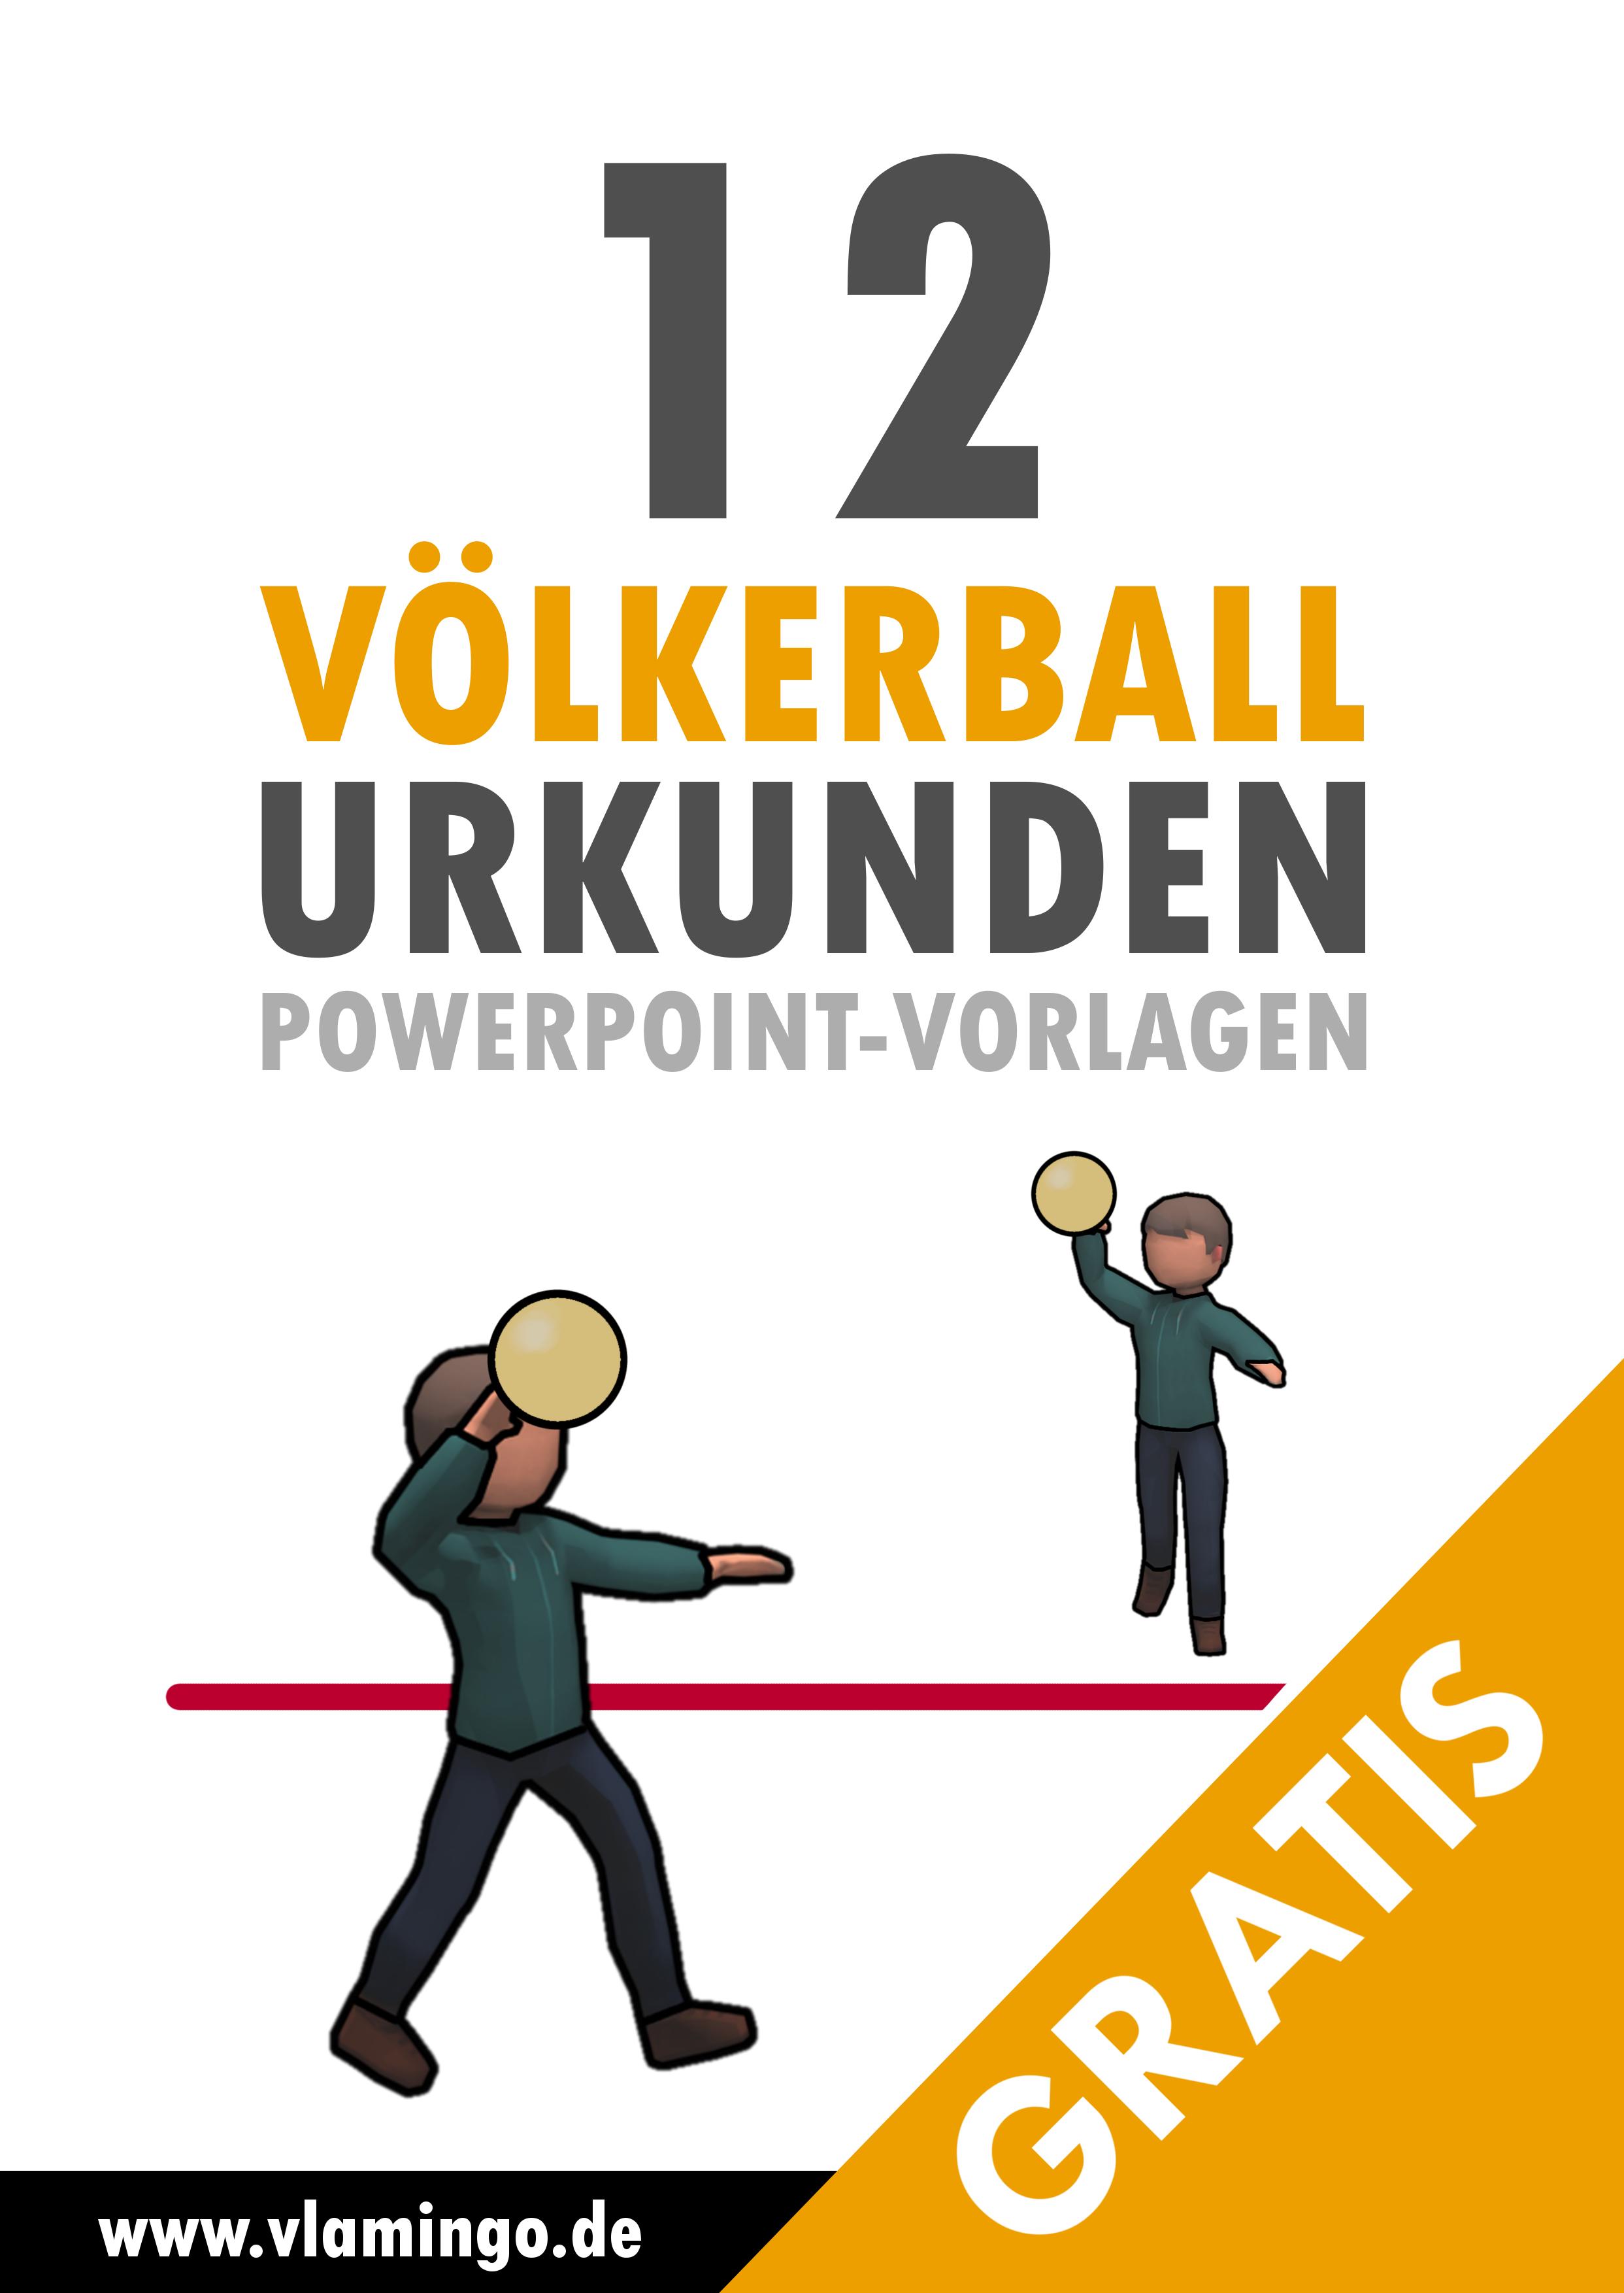 12 Kostenlose Urkunden Vorlagen Fur Volkerball Turniere Vlamingo De Sportunterricht Kindersport Urkunde